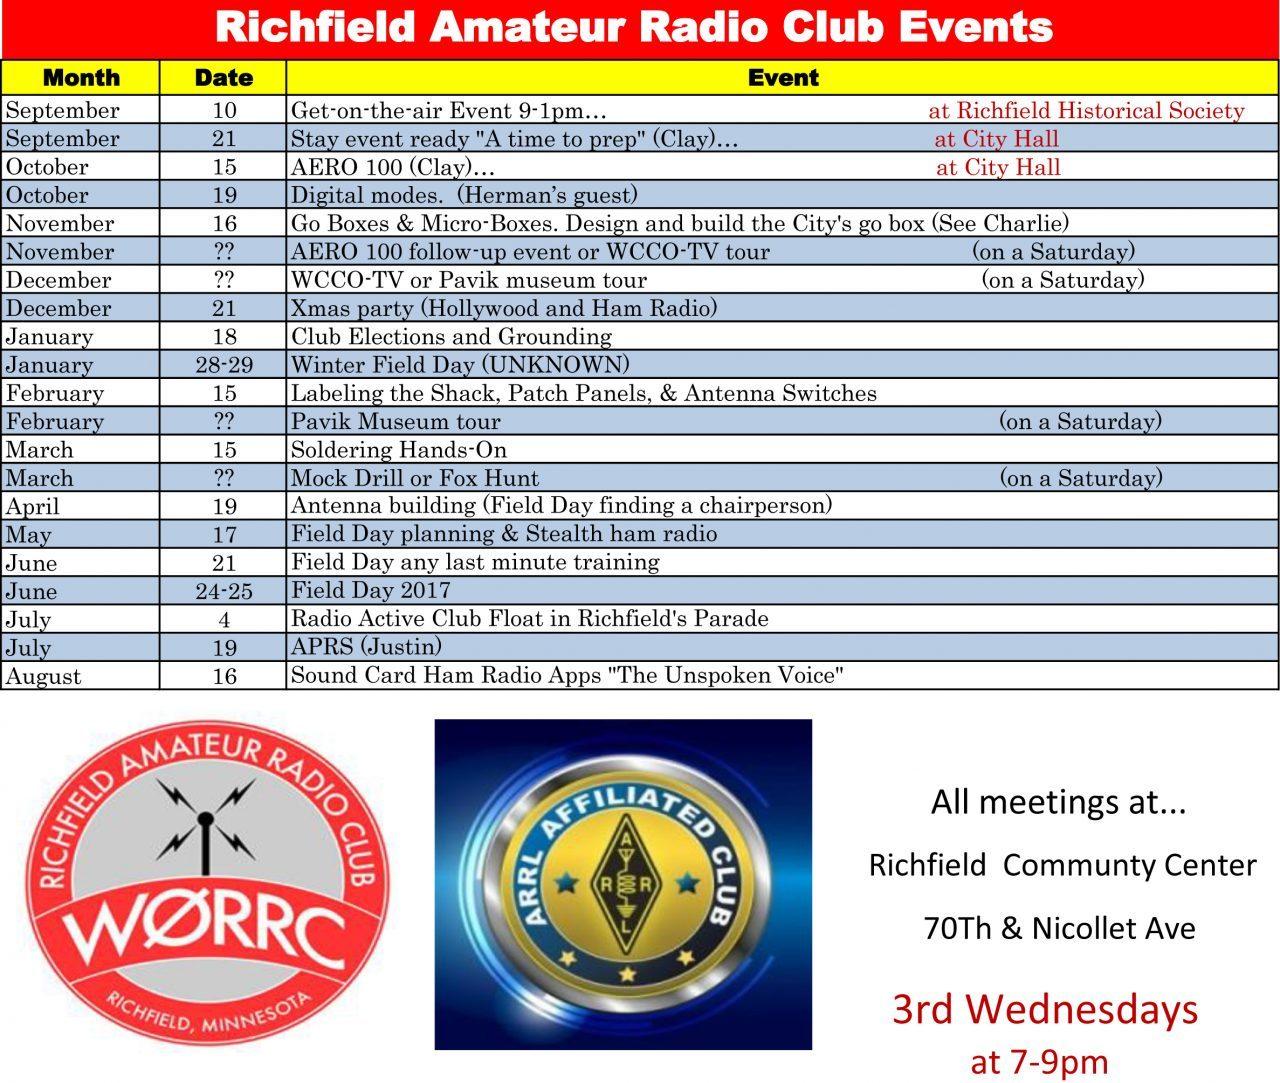 Uncategorized Archives - Page 5 of 5 - Richfield Amateur